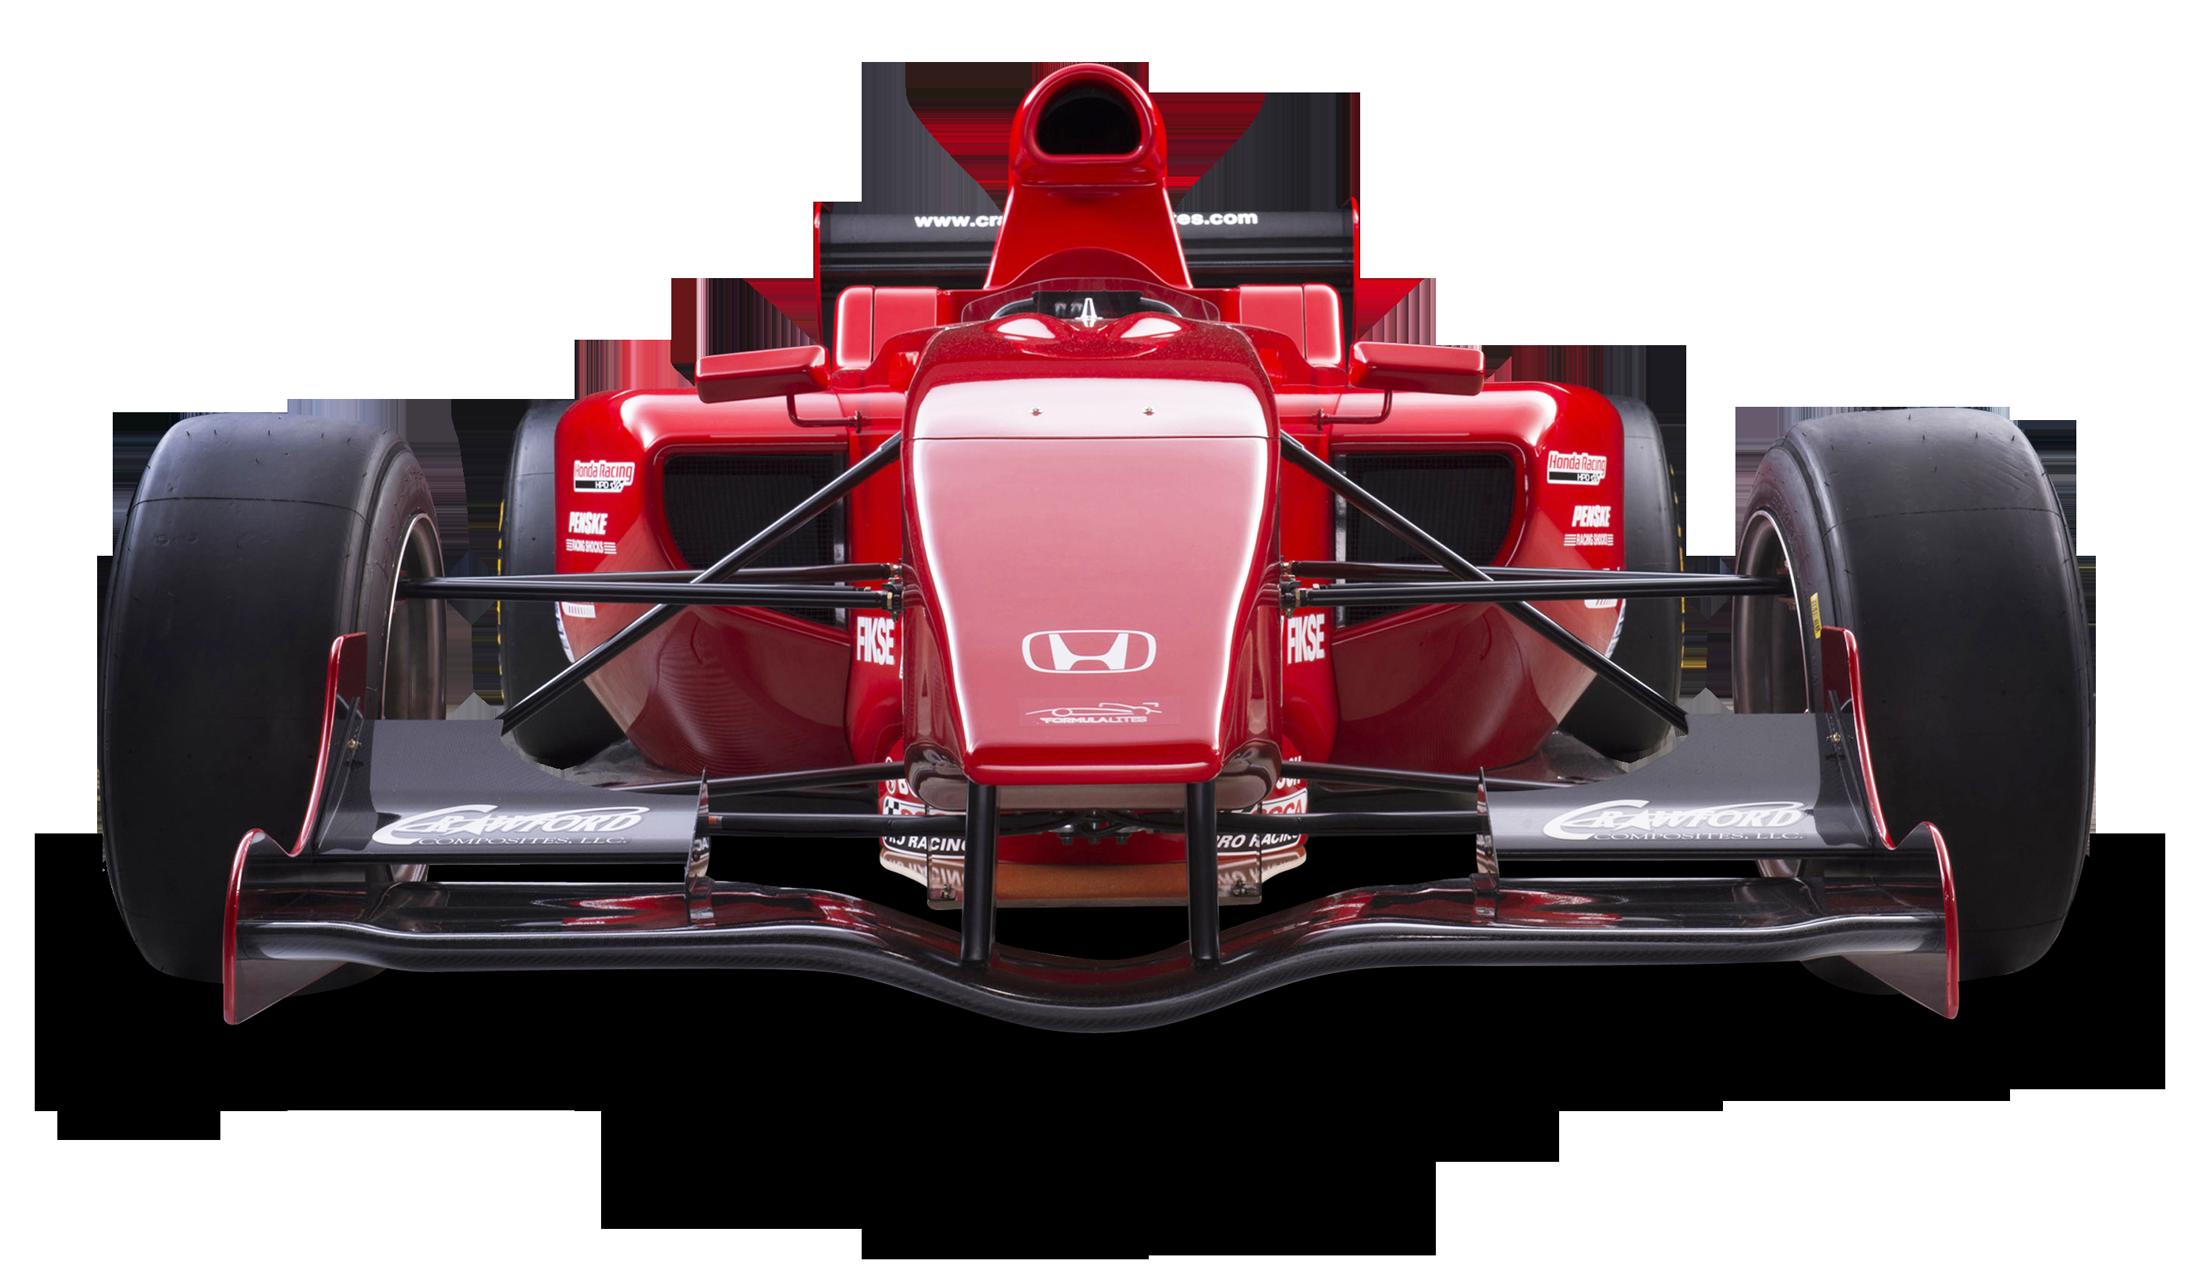 Formula one car clipart svg library download Red Honda Formula Lite Car PNG Image - PngPix svg library download